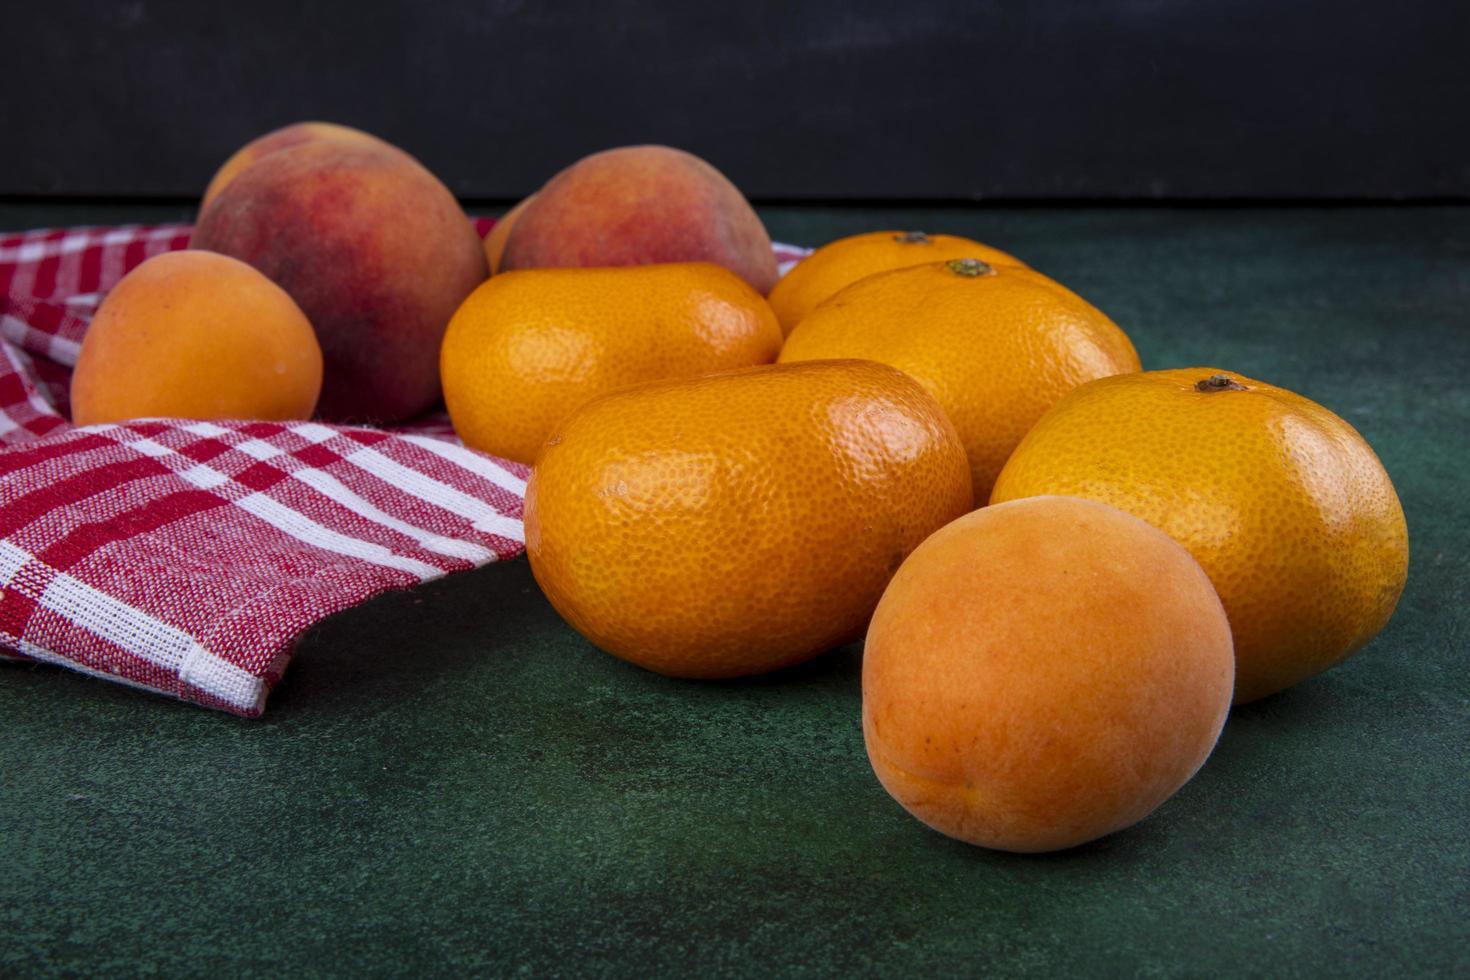 vista lateral de melocotones con mandarinas foto